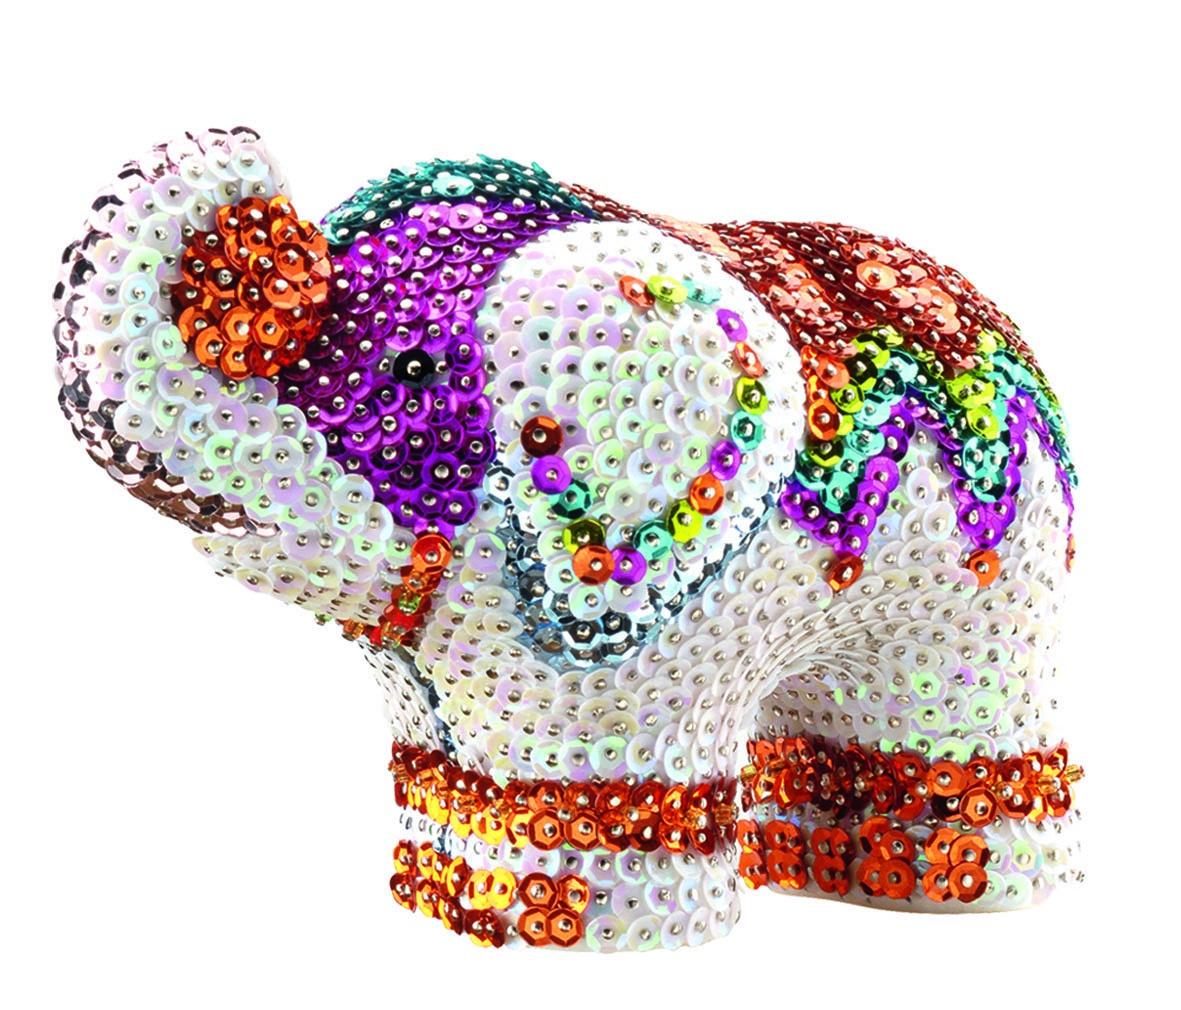 """Мозаика Sequin Art /KSG Объемная фигурка Слон1121Объемная фигурка с блестками """"Слон"""". Сделайте сияющую фигурку из блесток, просто накалывая их по контуру рисунка при помощи булавок. В набор входит: фигурка из пенопласта, пайетки, булавки."""